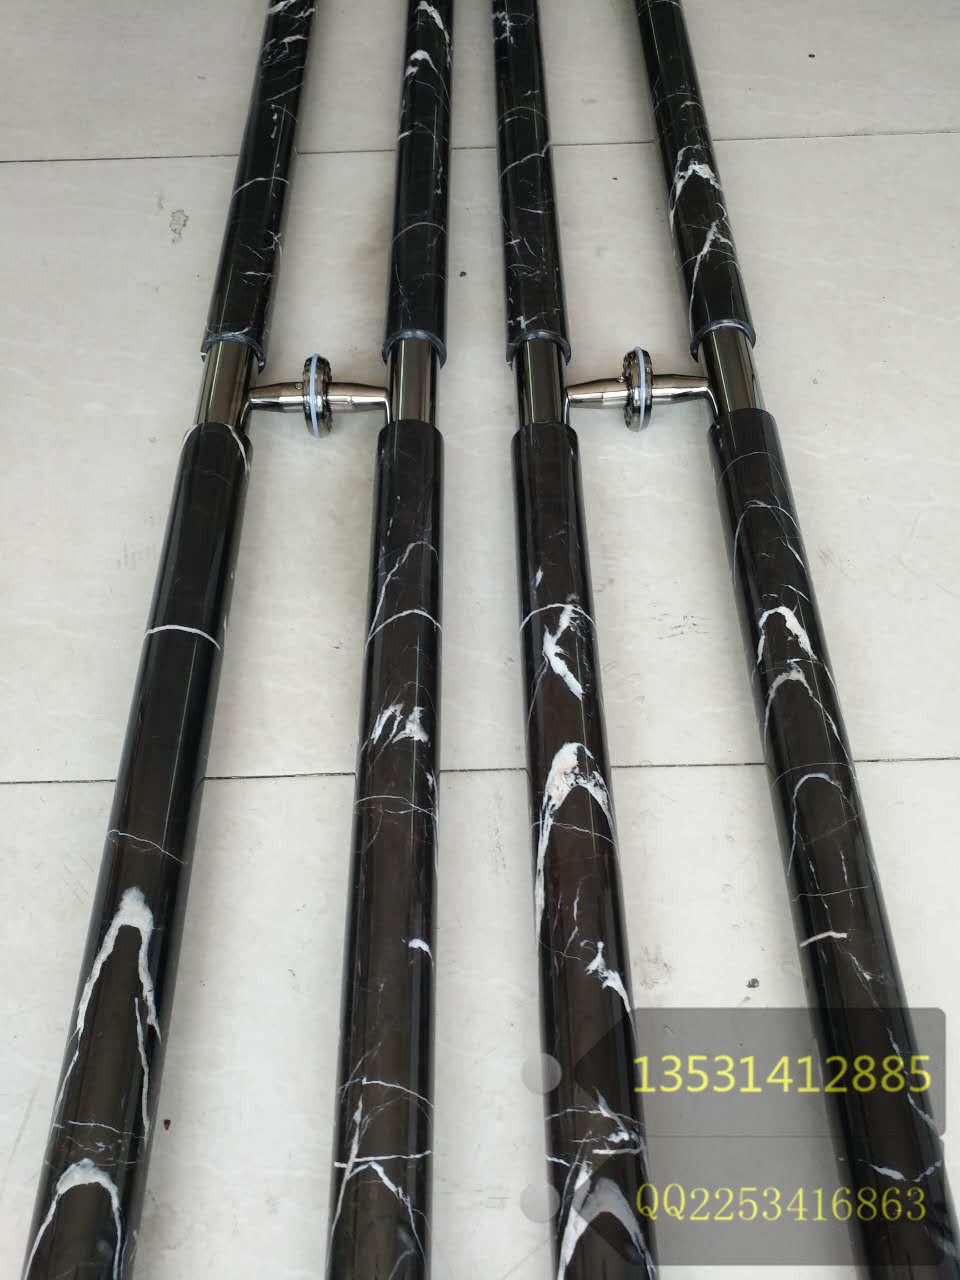 大理石不锈钢拉手厂家大胆创新设计生产(图)